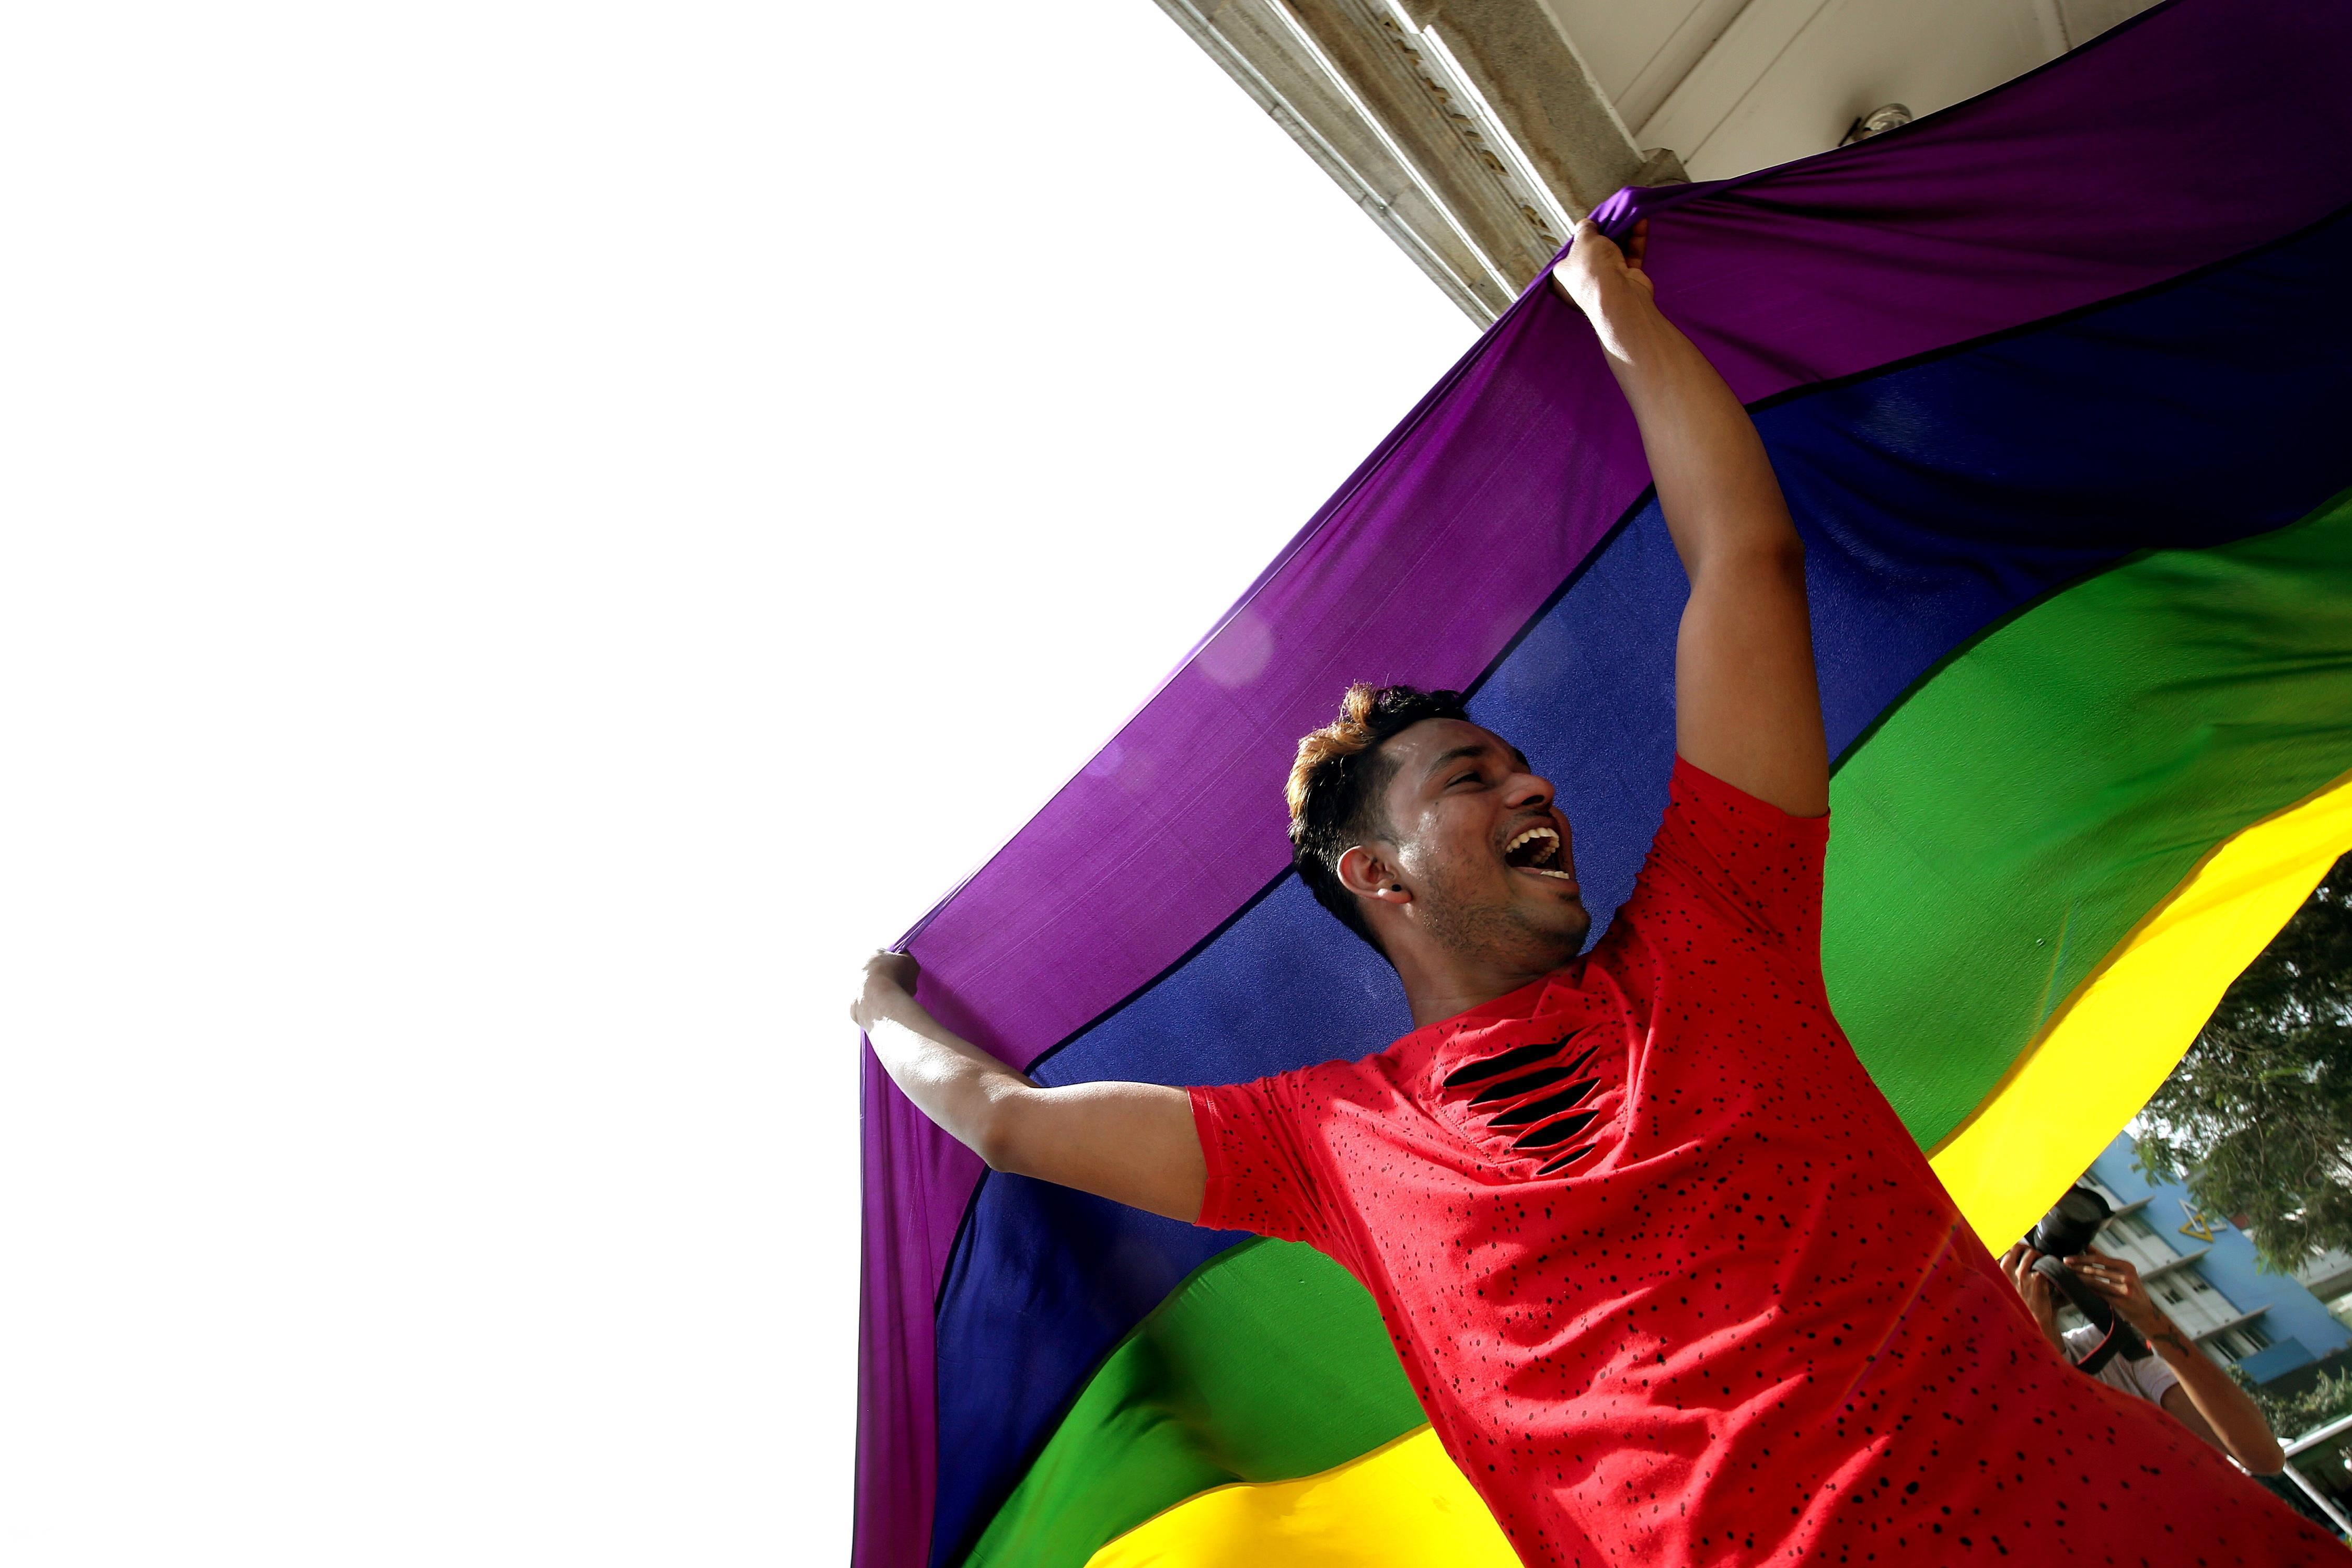 indyjski policja seks gejowski dojrzałe nagie zdjęcie